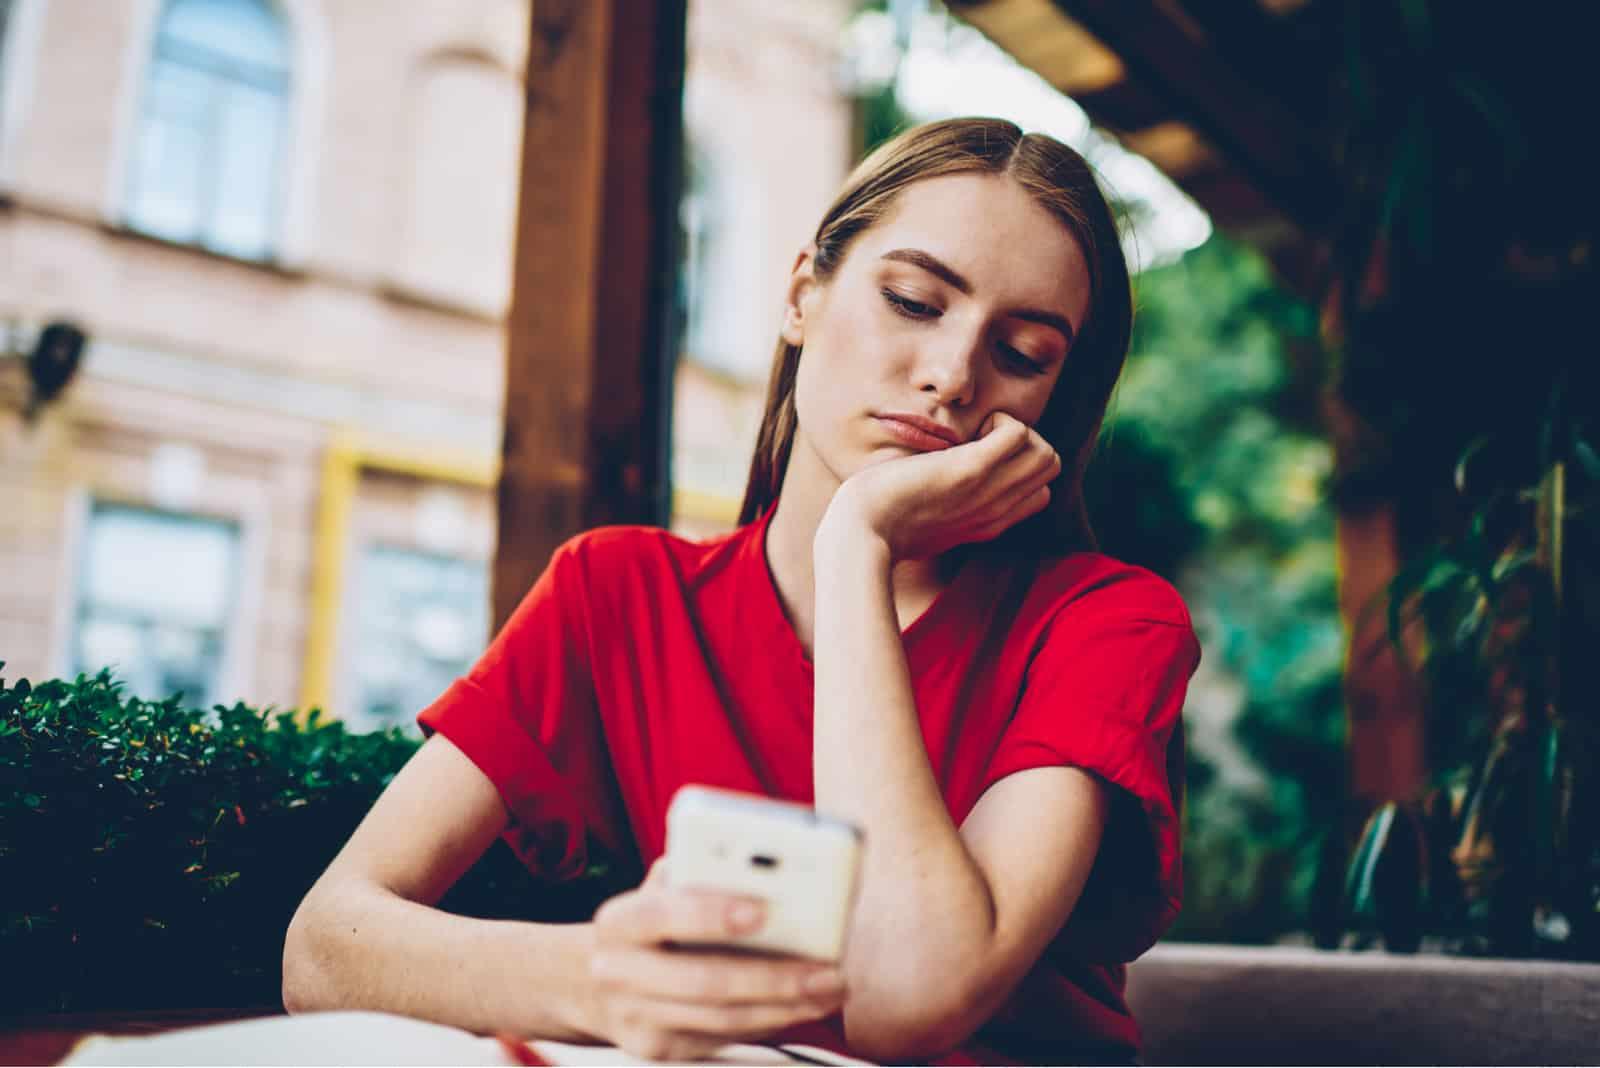 la femme imaginaire s'assied et tient le téléphone dans sa main